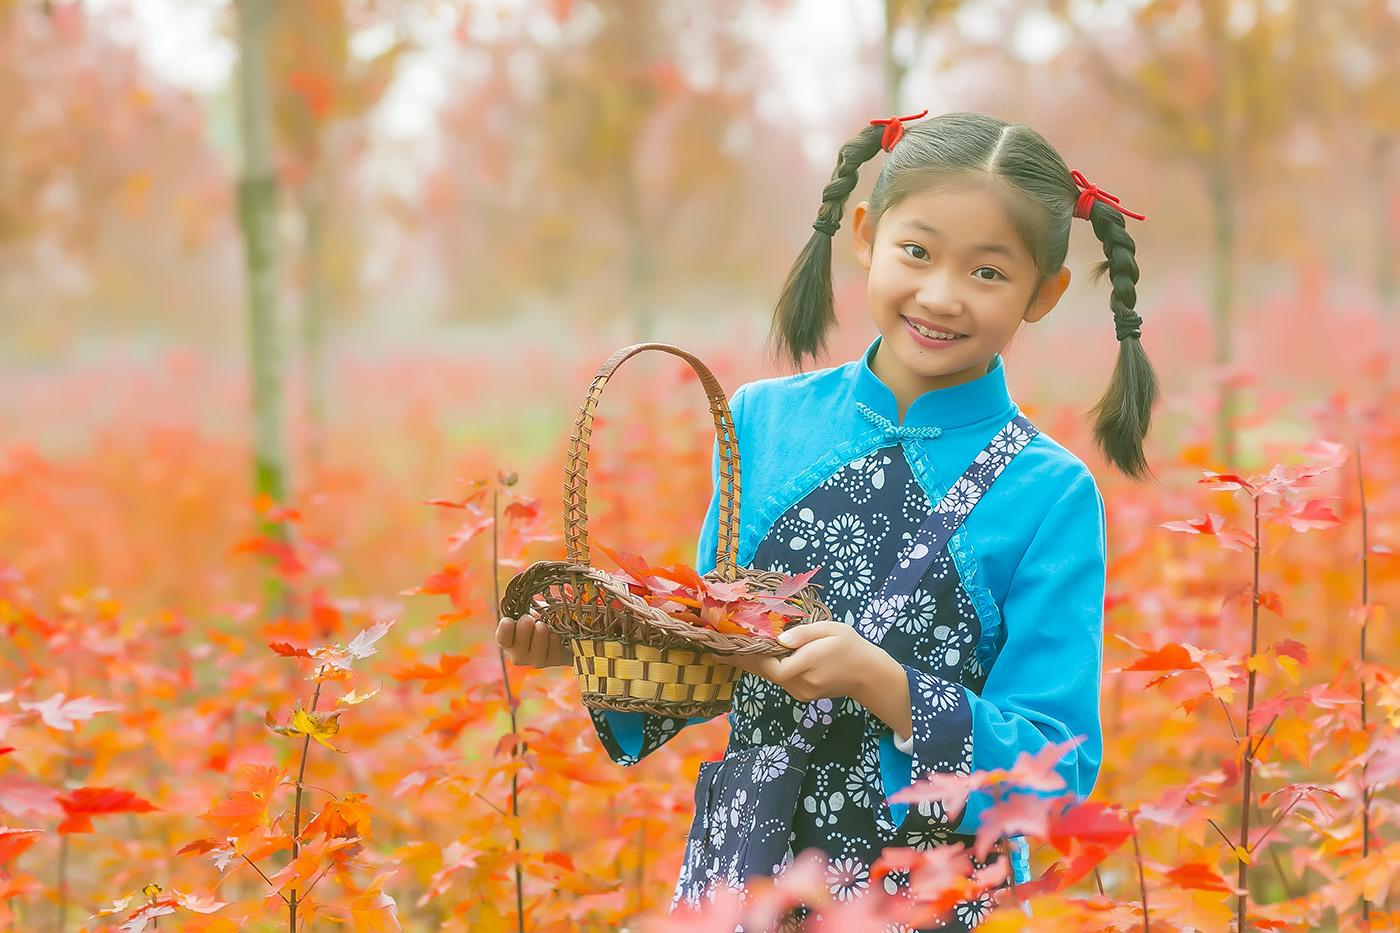 沂蒙山区竟然有这么一片童话般的树林 沂蒙小精灵火红的童年来袭 ..._图1-13